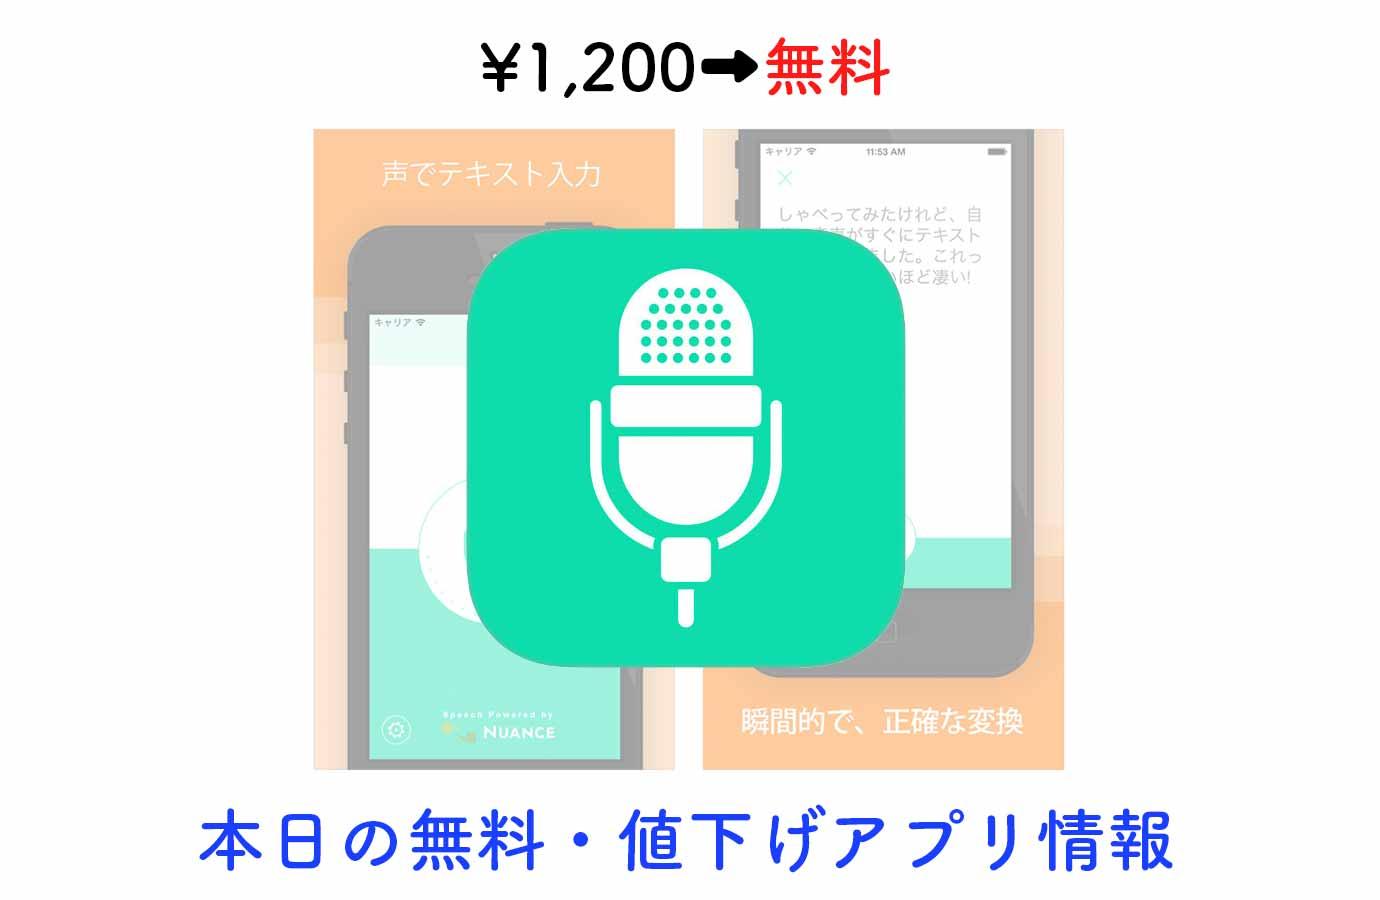 ¥1,200→無料、音声をテキストに変換してくれる「アクティブボイス」など【9/26】本日の無料・値下げアプリ情報